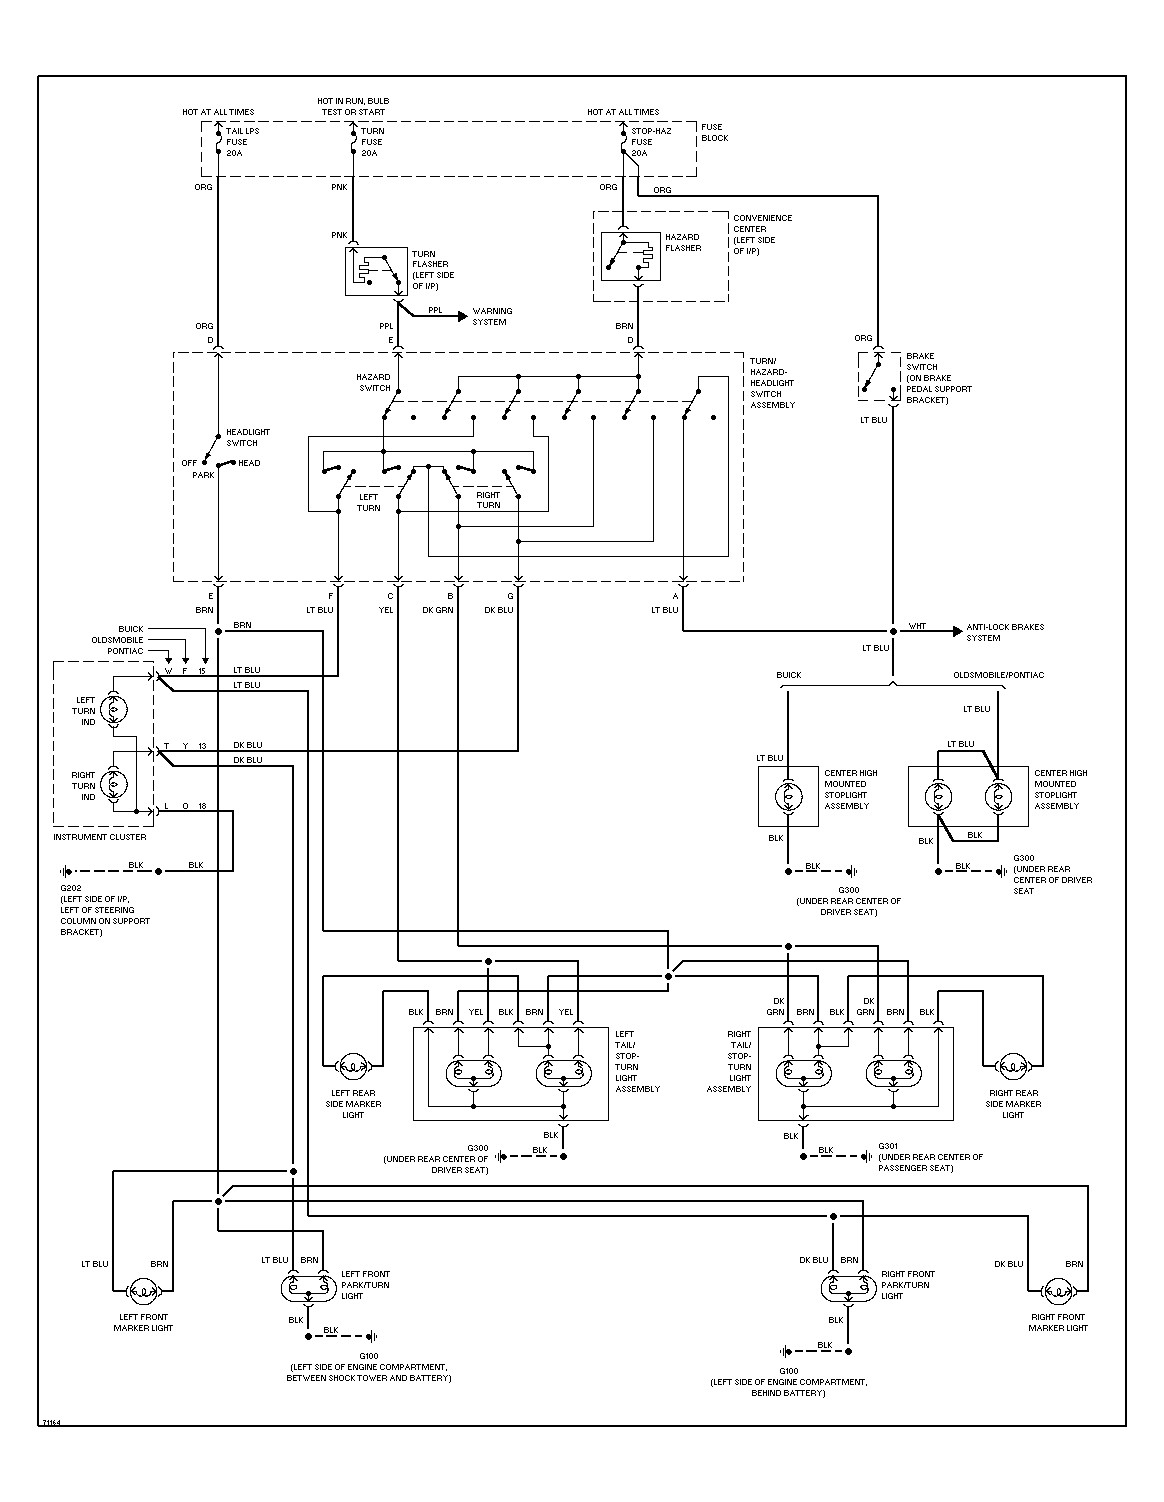 Pontiac Grand Am Radio Wiring Diagram